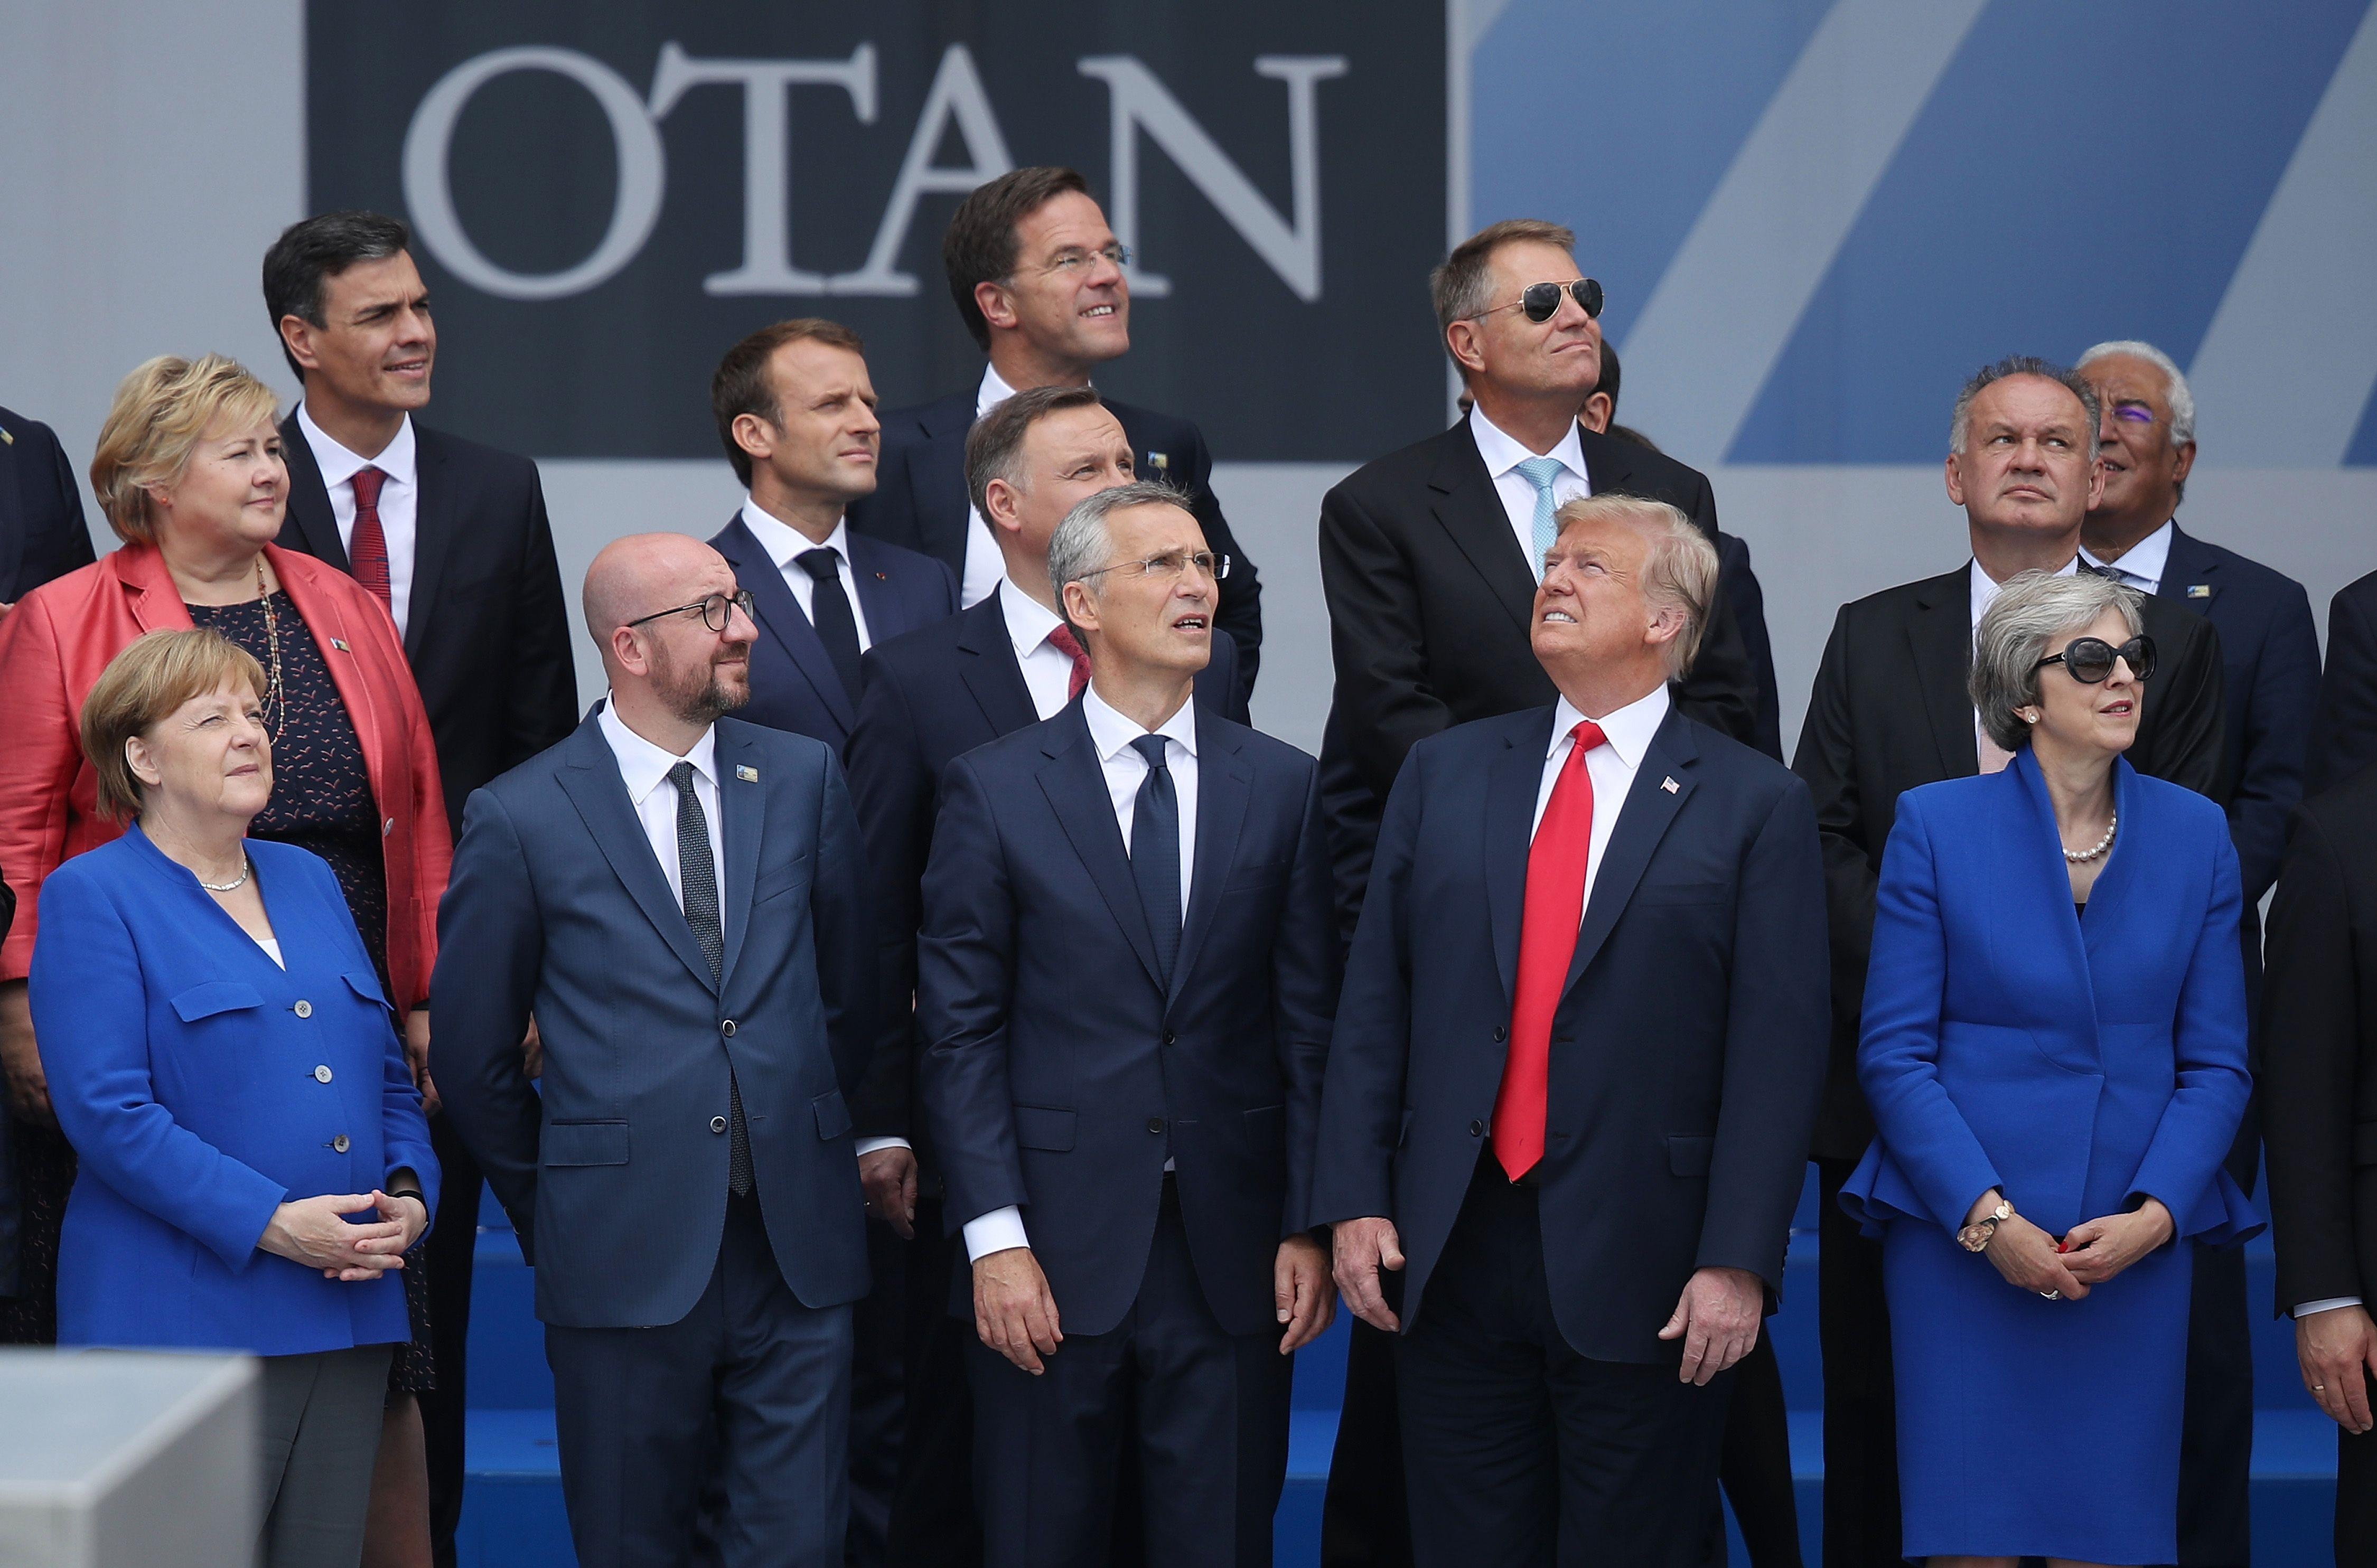 تصمیمات کشورهای عضو سازمان پیمان آتلانتیک شمالی؛